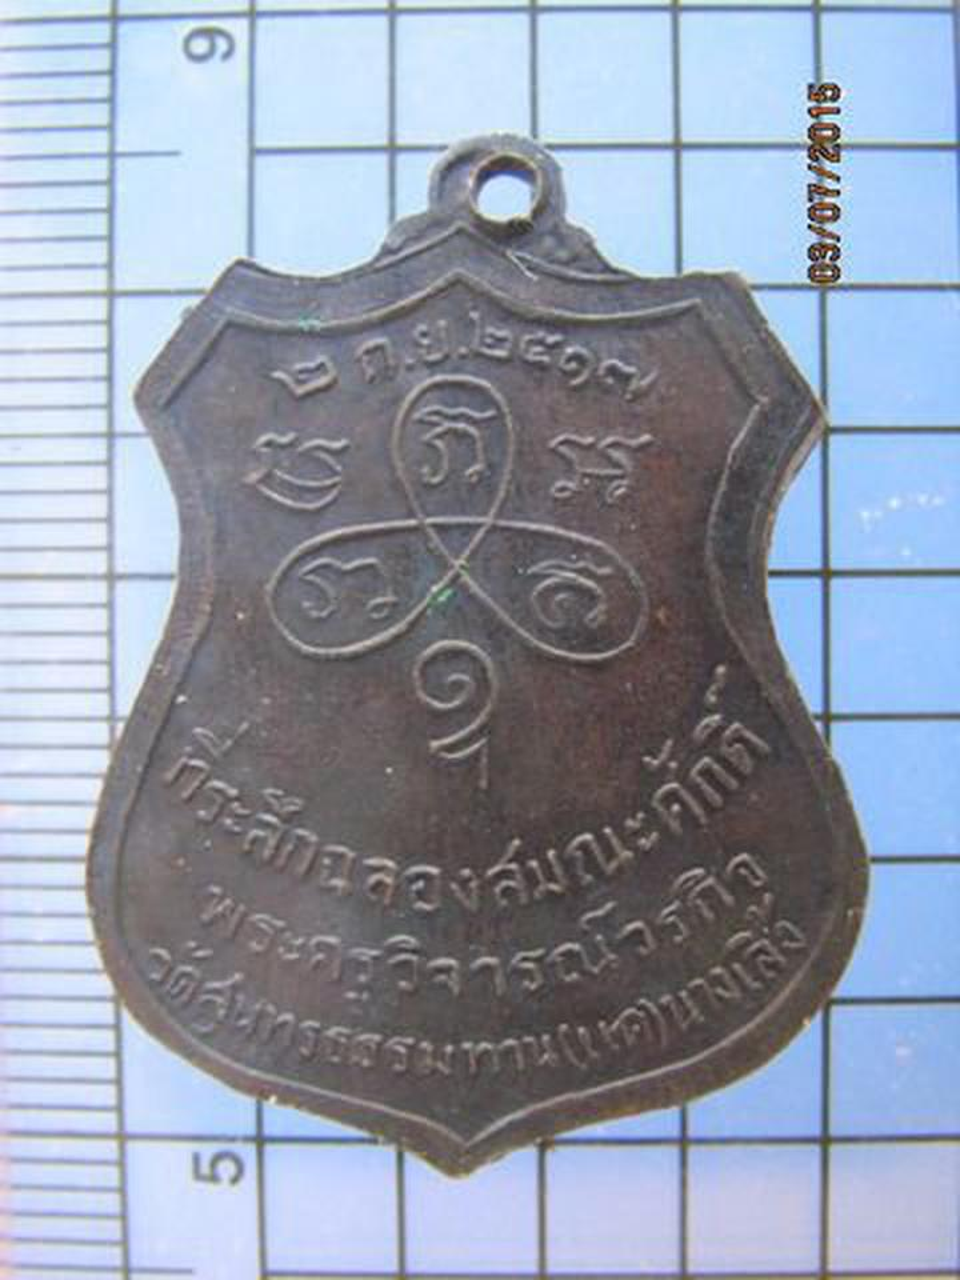 2366 เหรียญหลวงพ่อบารมี ที่ระลึกฉลองสมณศักดิ์ หลวงปู่ธูป วัด รูปที่ 1